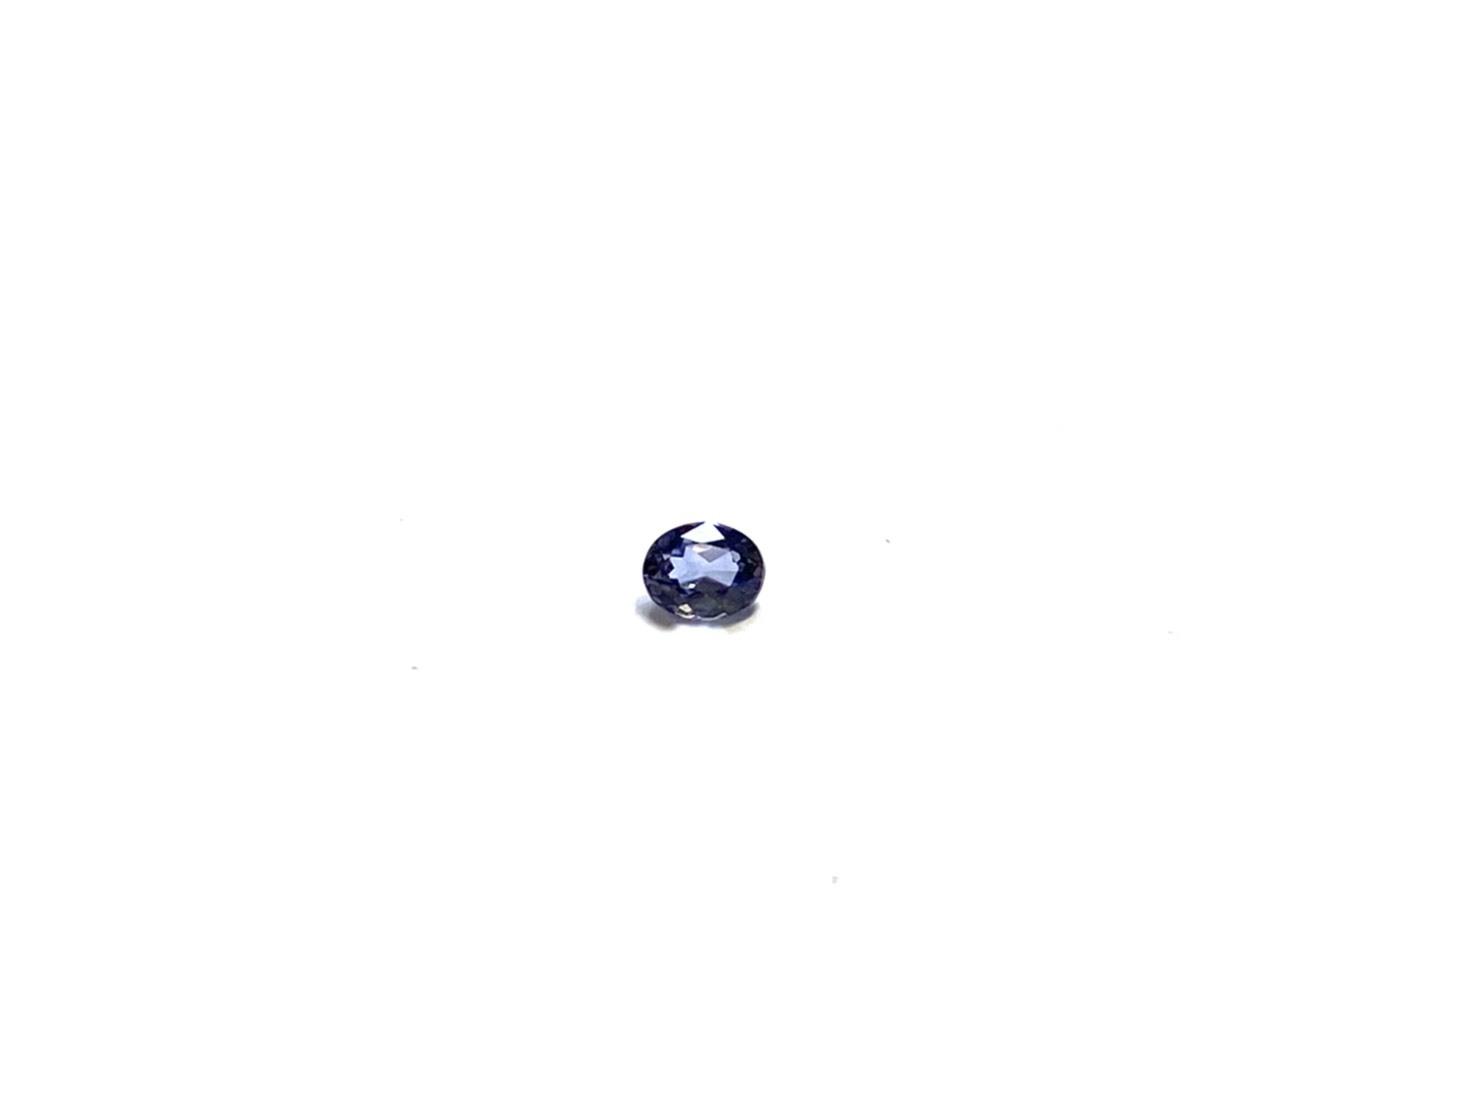 デュモルチェライト[No,k-3735]